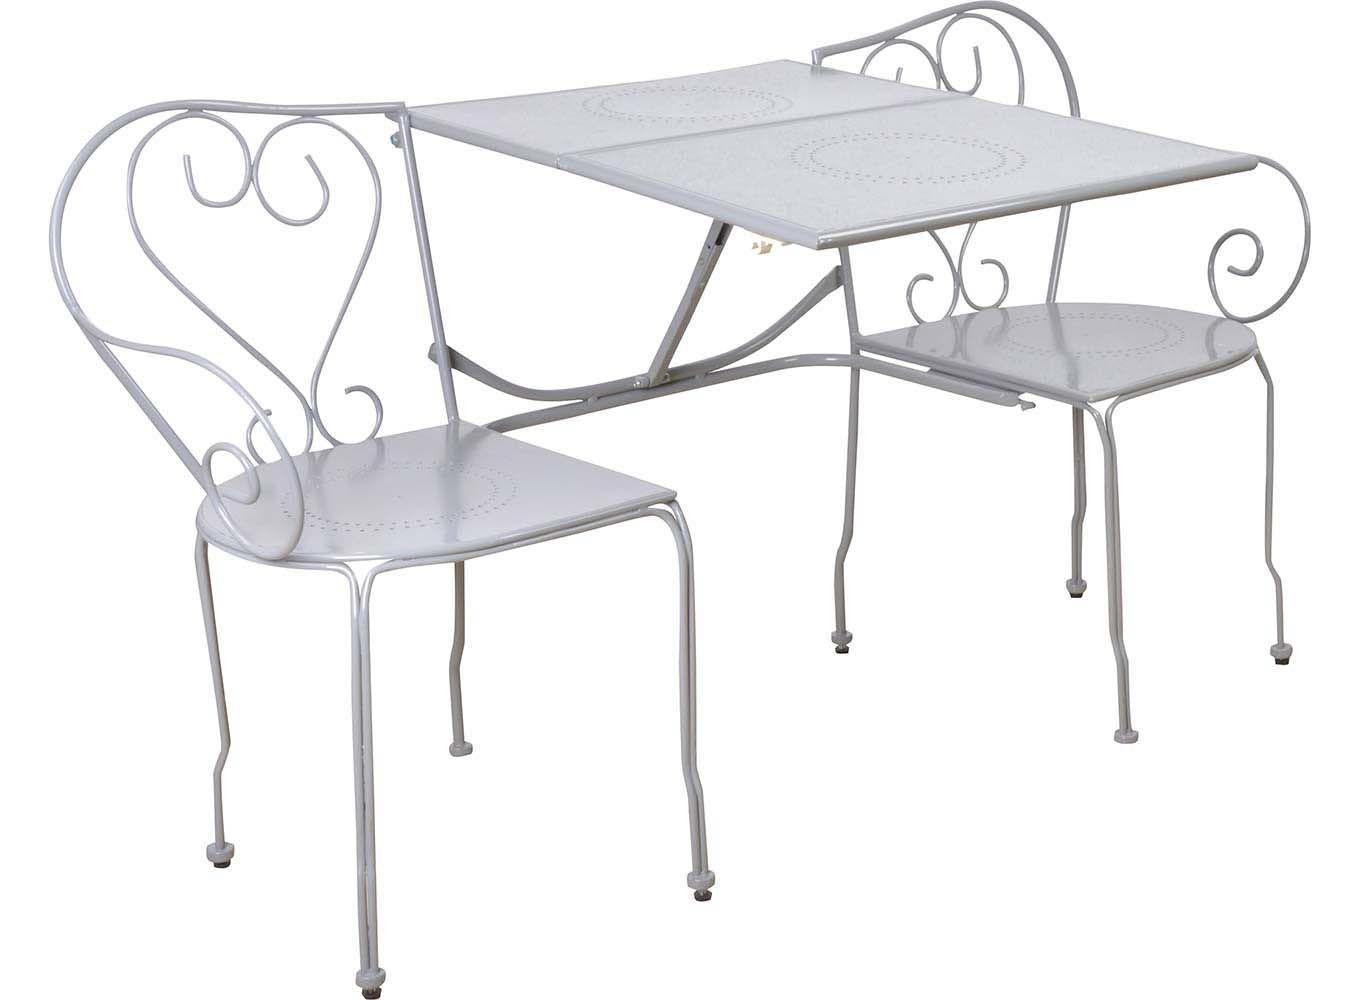 banc de jardin convertible en table chaises classique gris. Black Bedroom Furniture Sets. Home Design Ideas